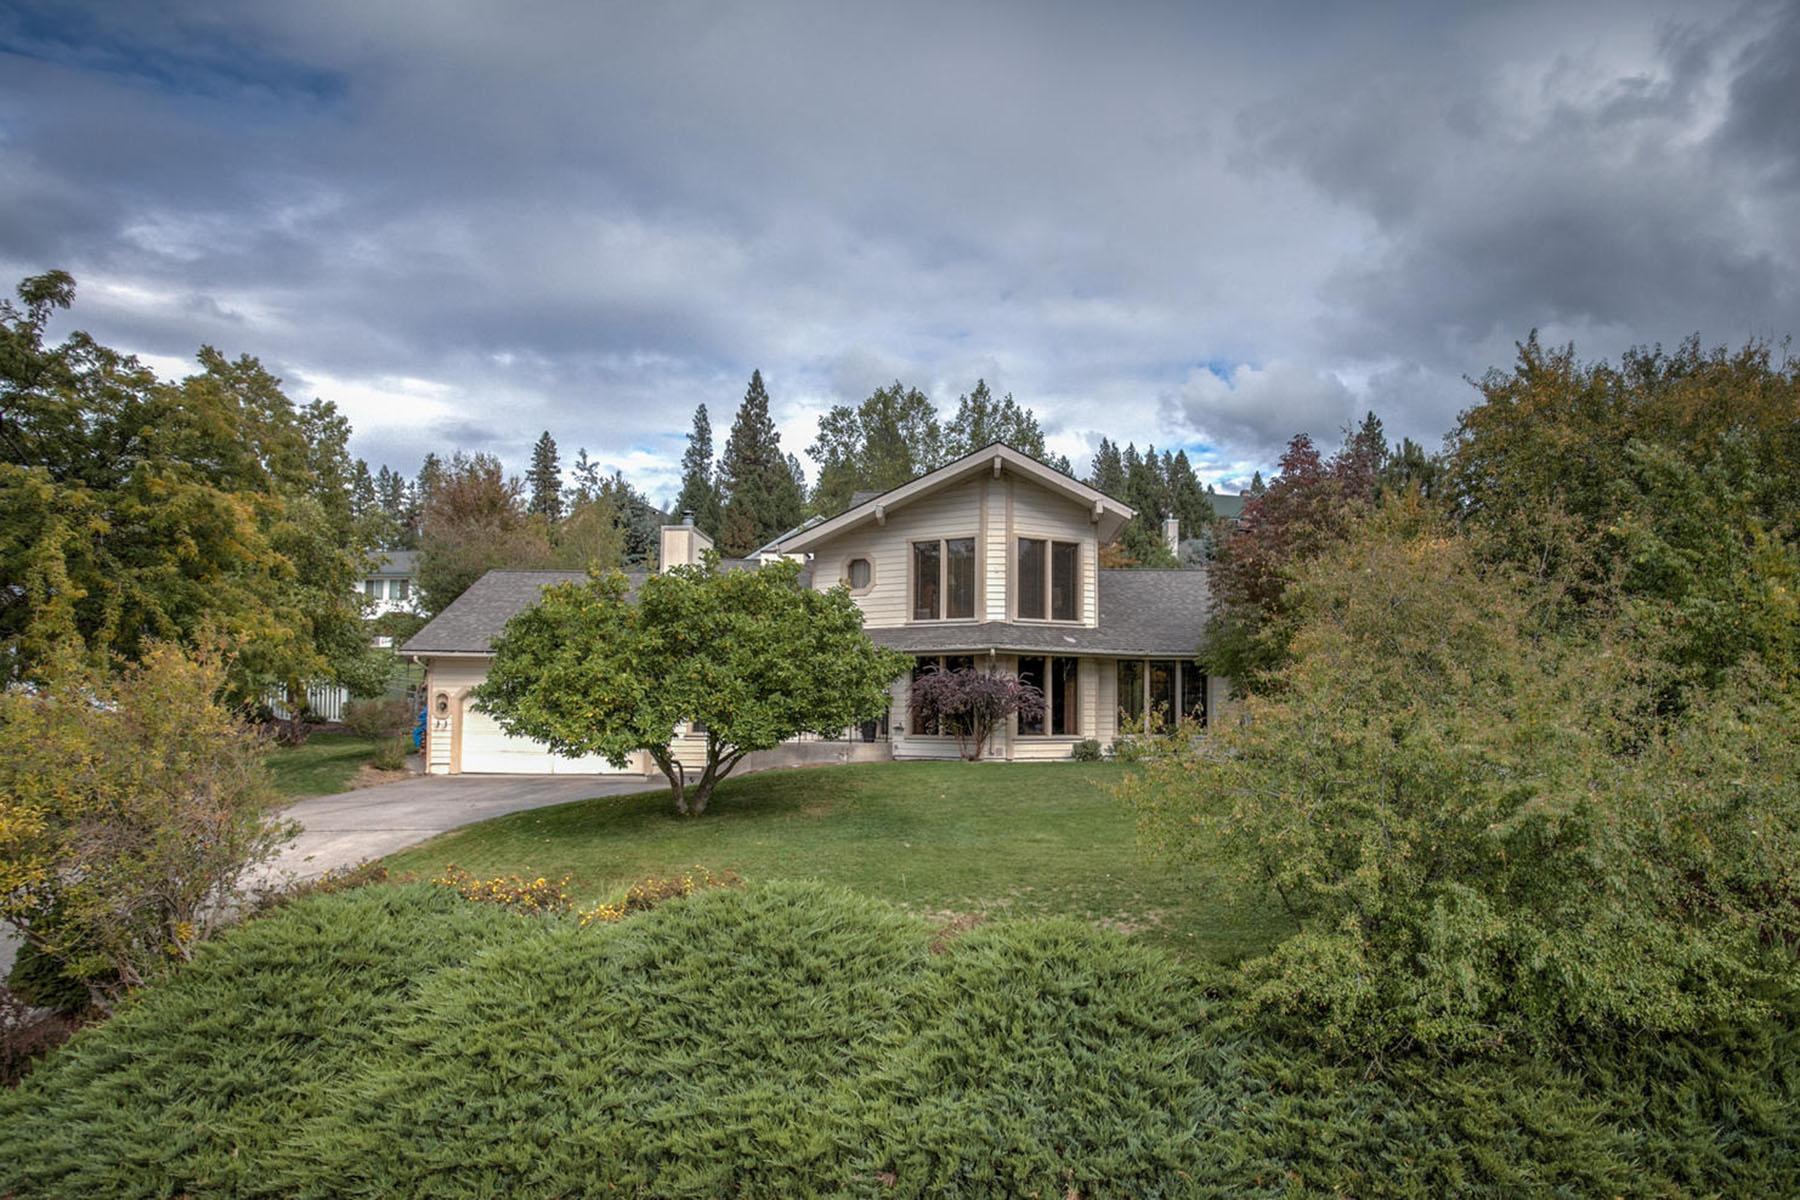 Maison unifamiliale pour l Vente à Immaculate and impeccably maintained 7944 N Sundance Drive Coeur D Alene, Idaho 83815 États-Unis